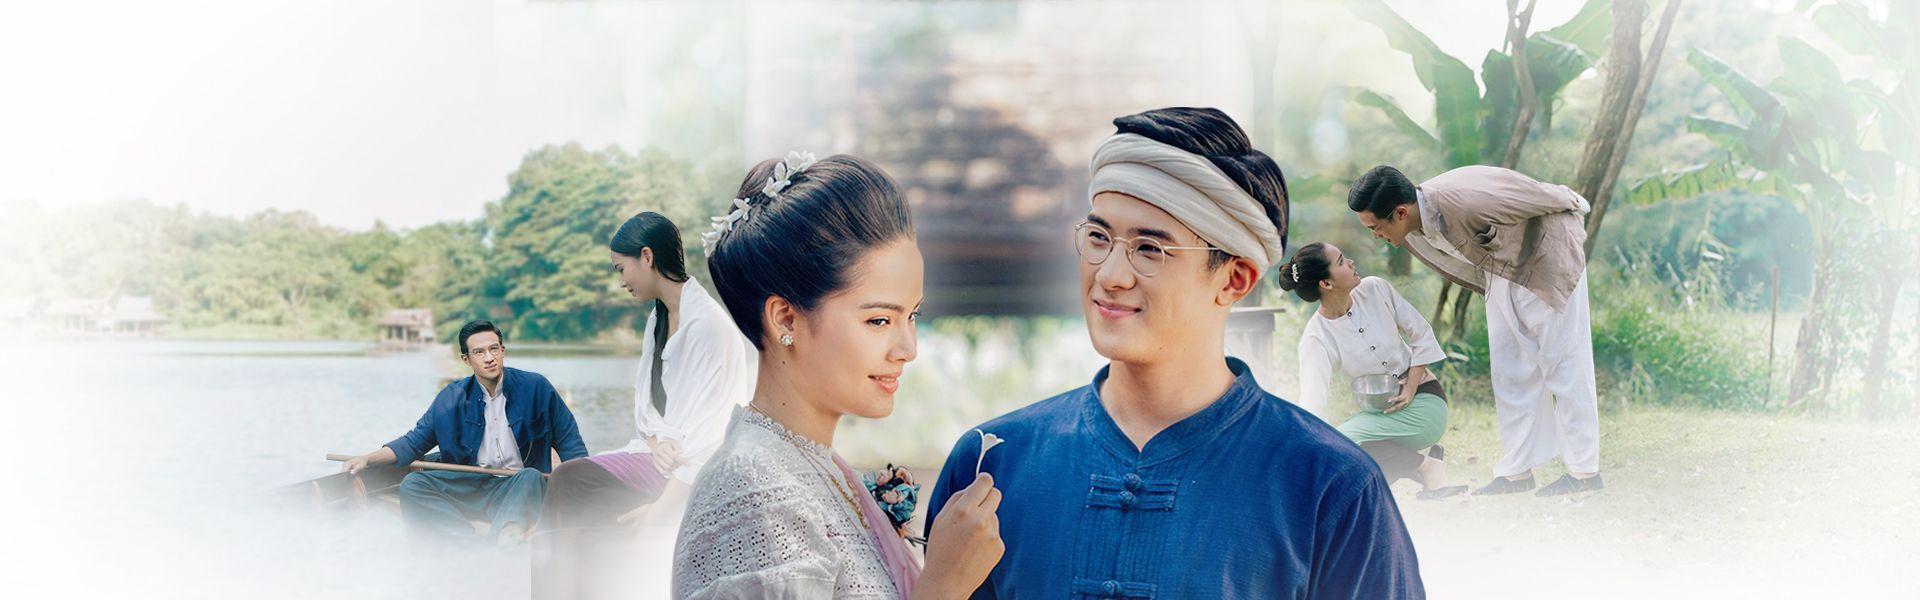 Phim Hương Hoa Đạt Phước: Đối thủ ngang tài ngang sức của Chiếc Lá Bay (4)